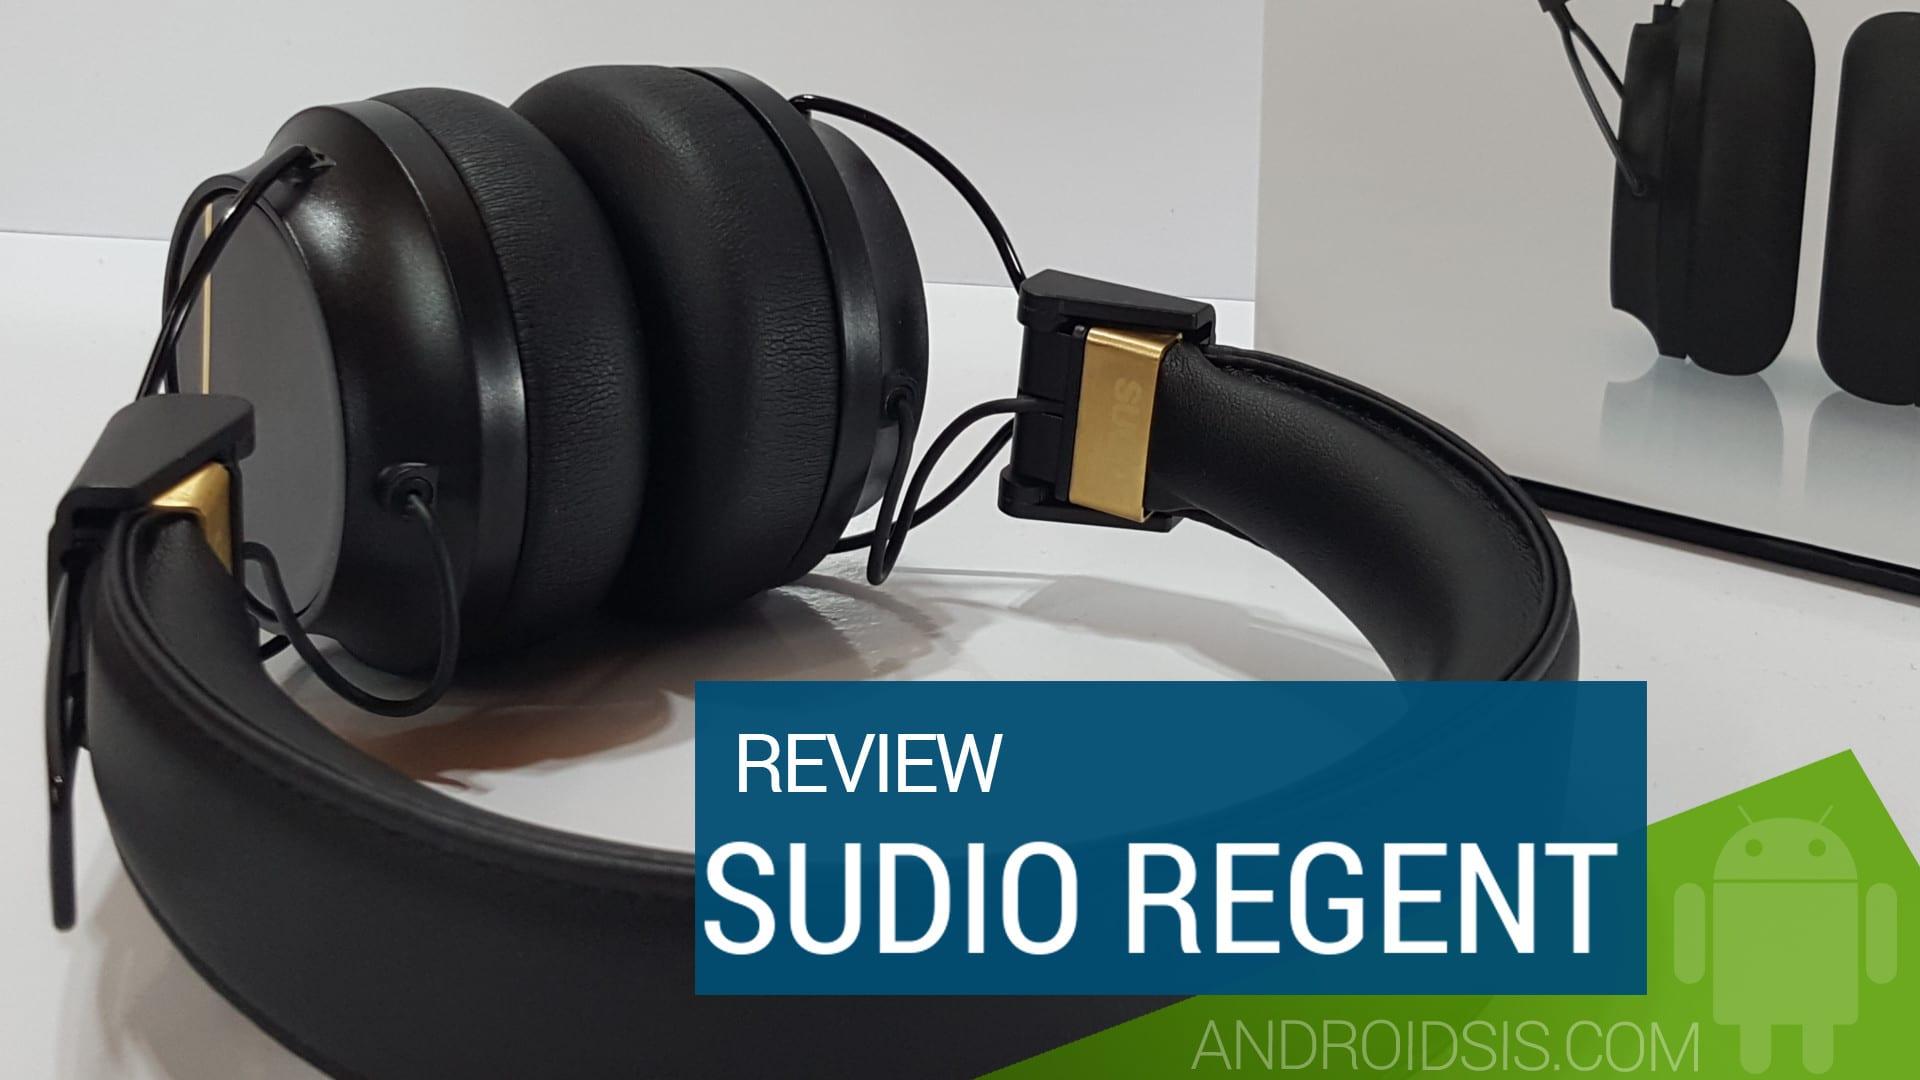 Sudio Regent, unos auriculares tope de gama al estilo Beats por 129 euros